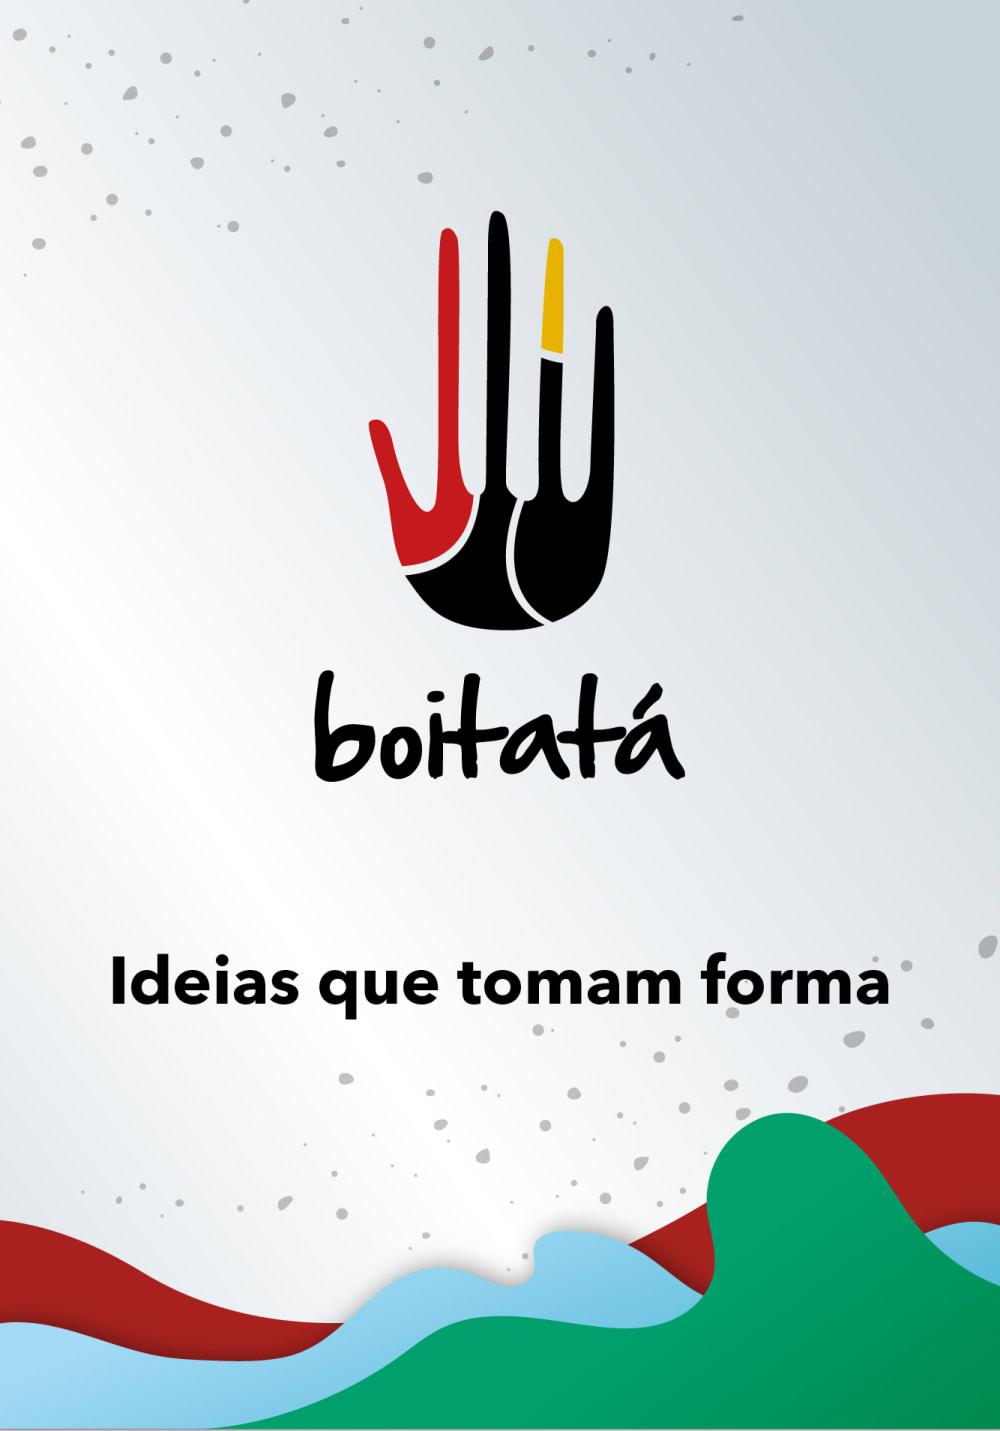 Capa com logo e slogan 'Ideias que tomam forma'